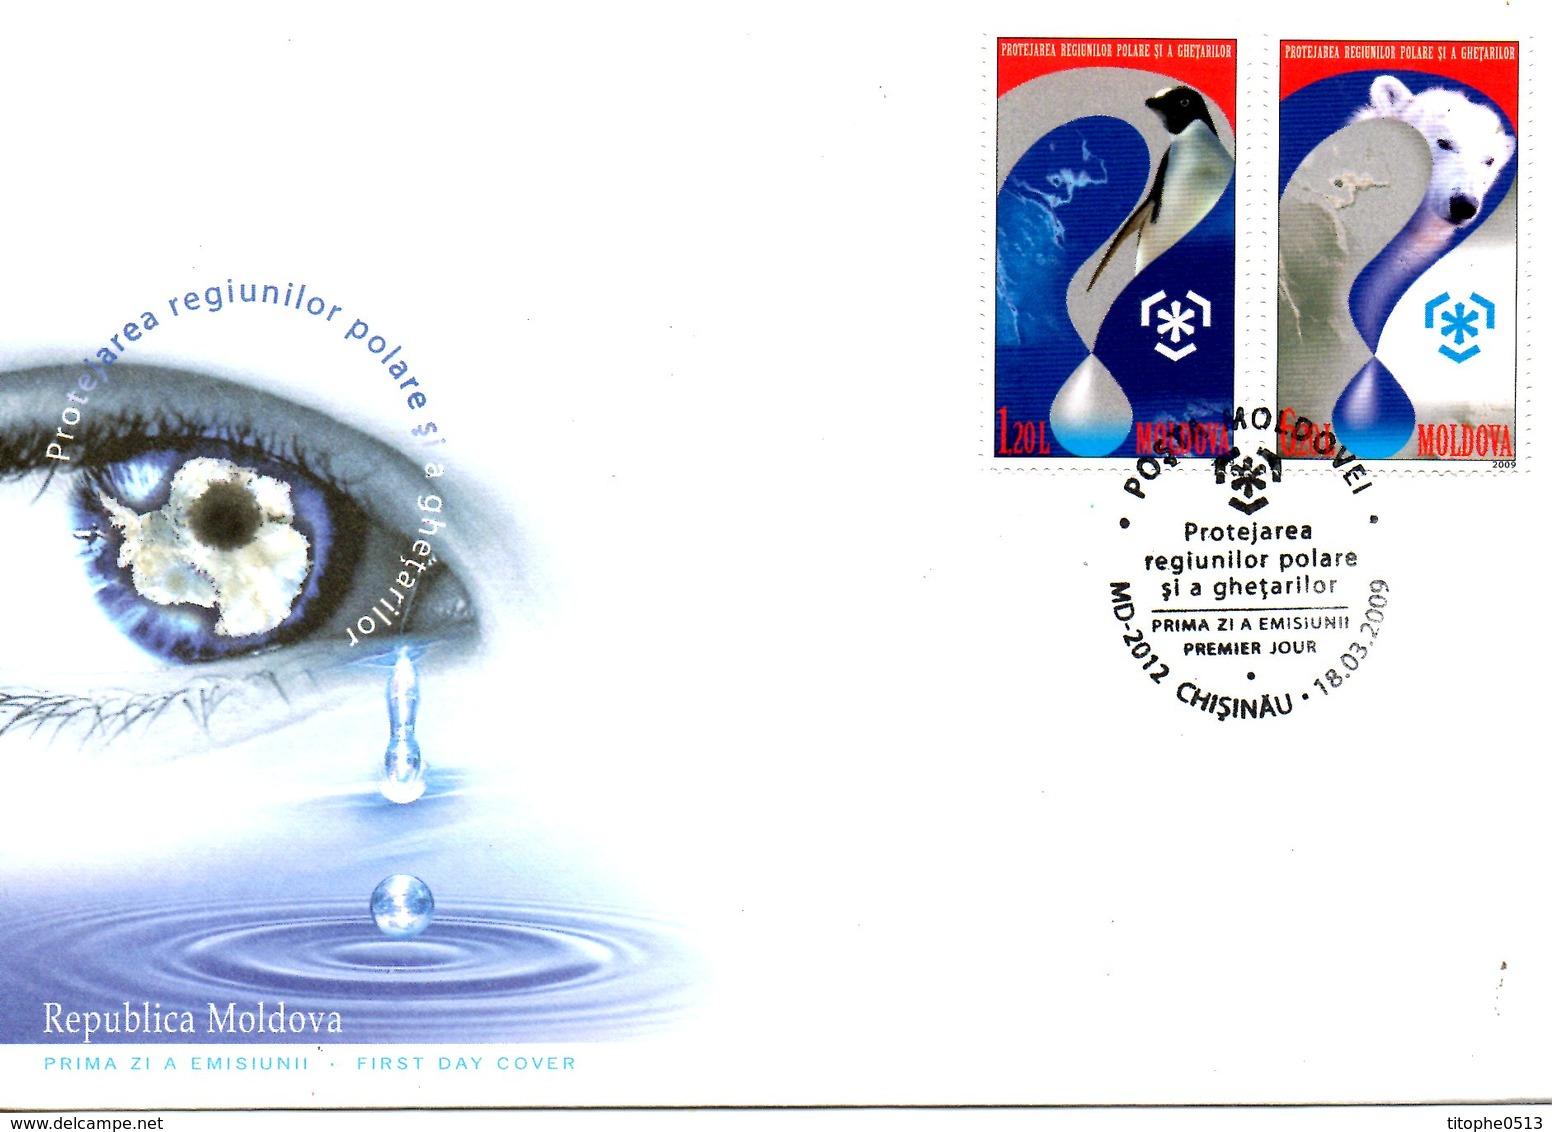 MOLDAVIE. N°560-1 De 2009 Sur Enveloppe 1er Jour. Protection Des Zones Polaires/Manchot/Ours. - Schützen Wir Die Polarregionen Und Gletscher